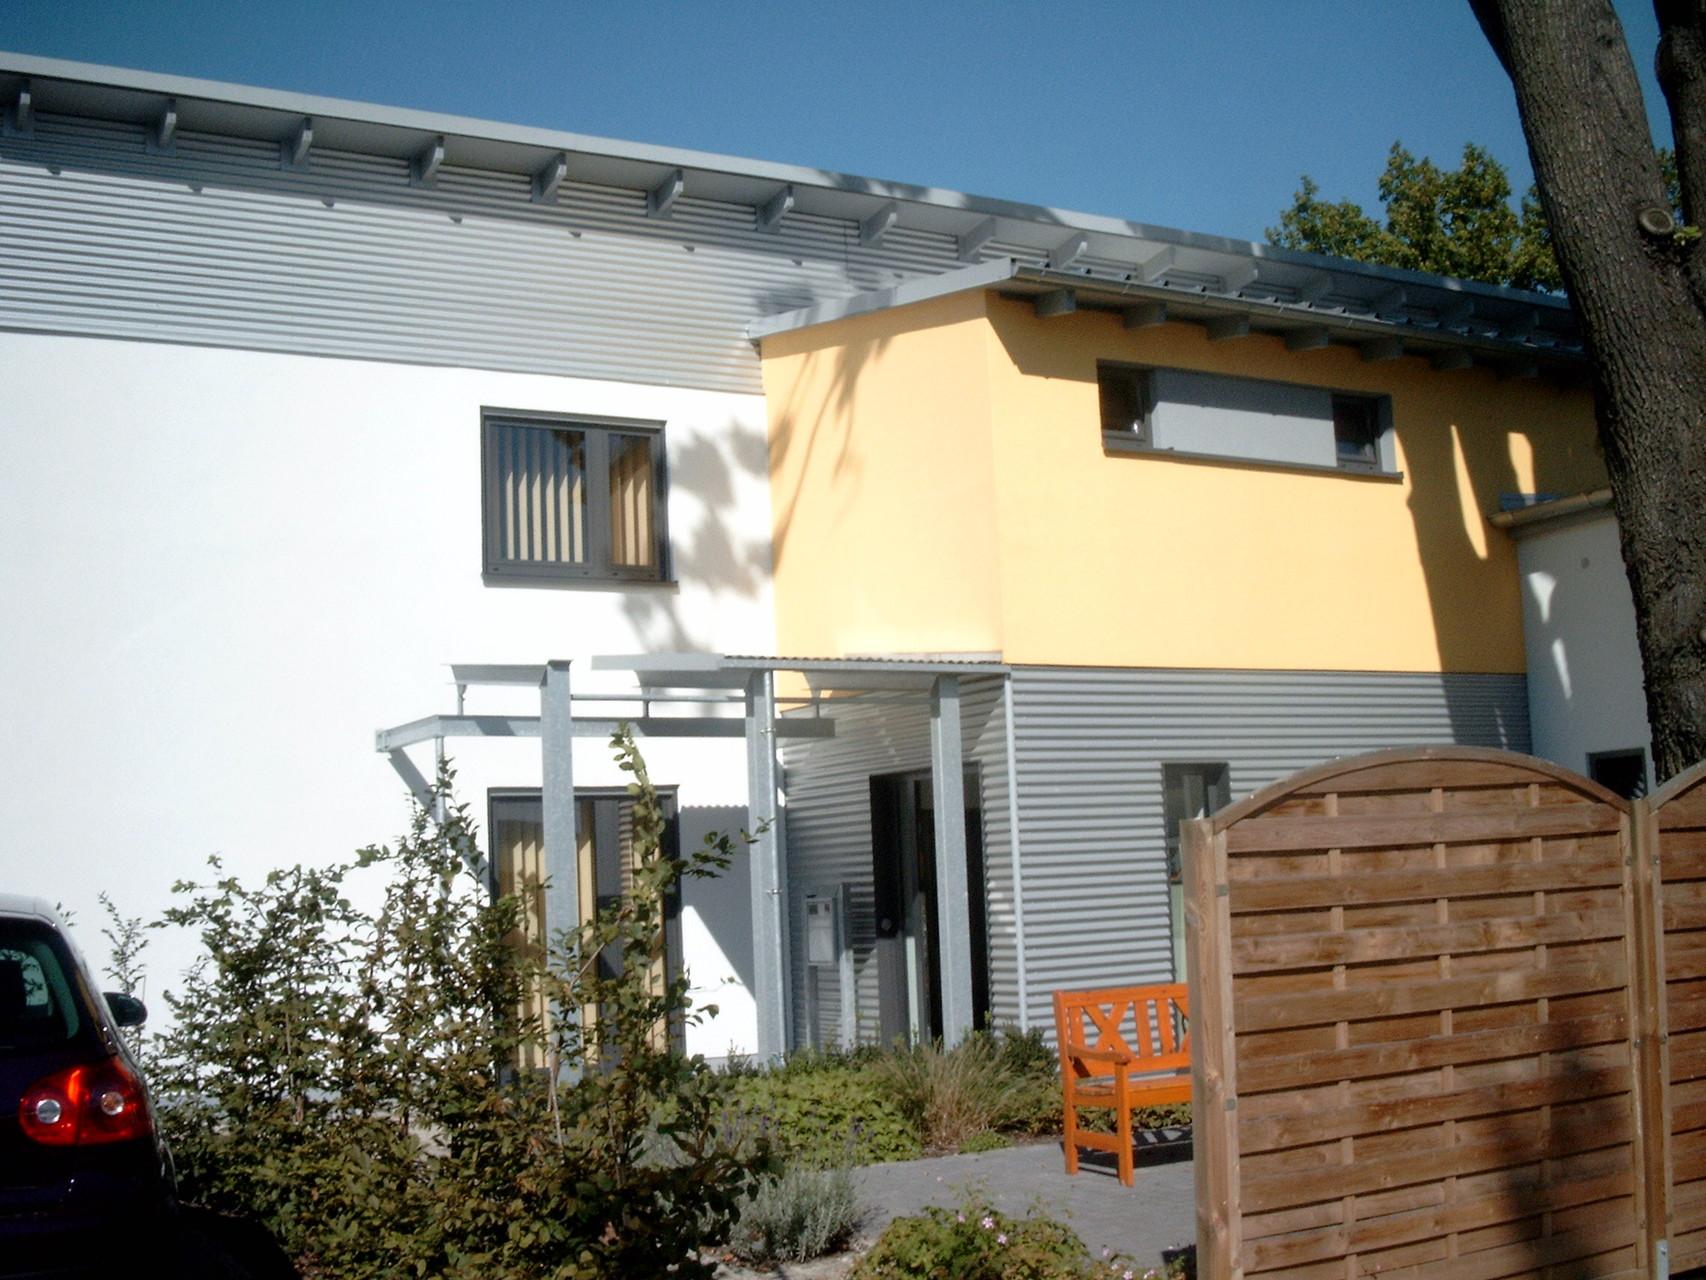 Büro- und Sozialgebäude, Haselbachtal, 2003